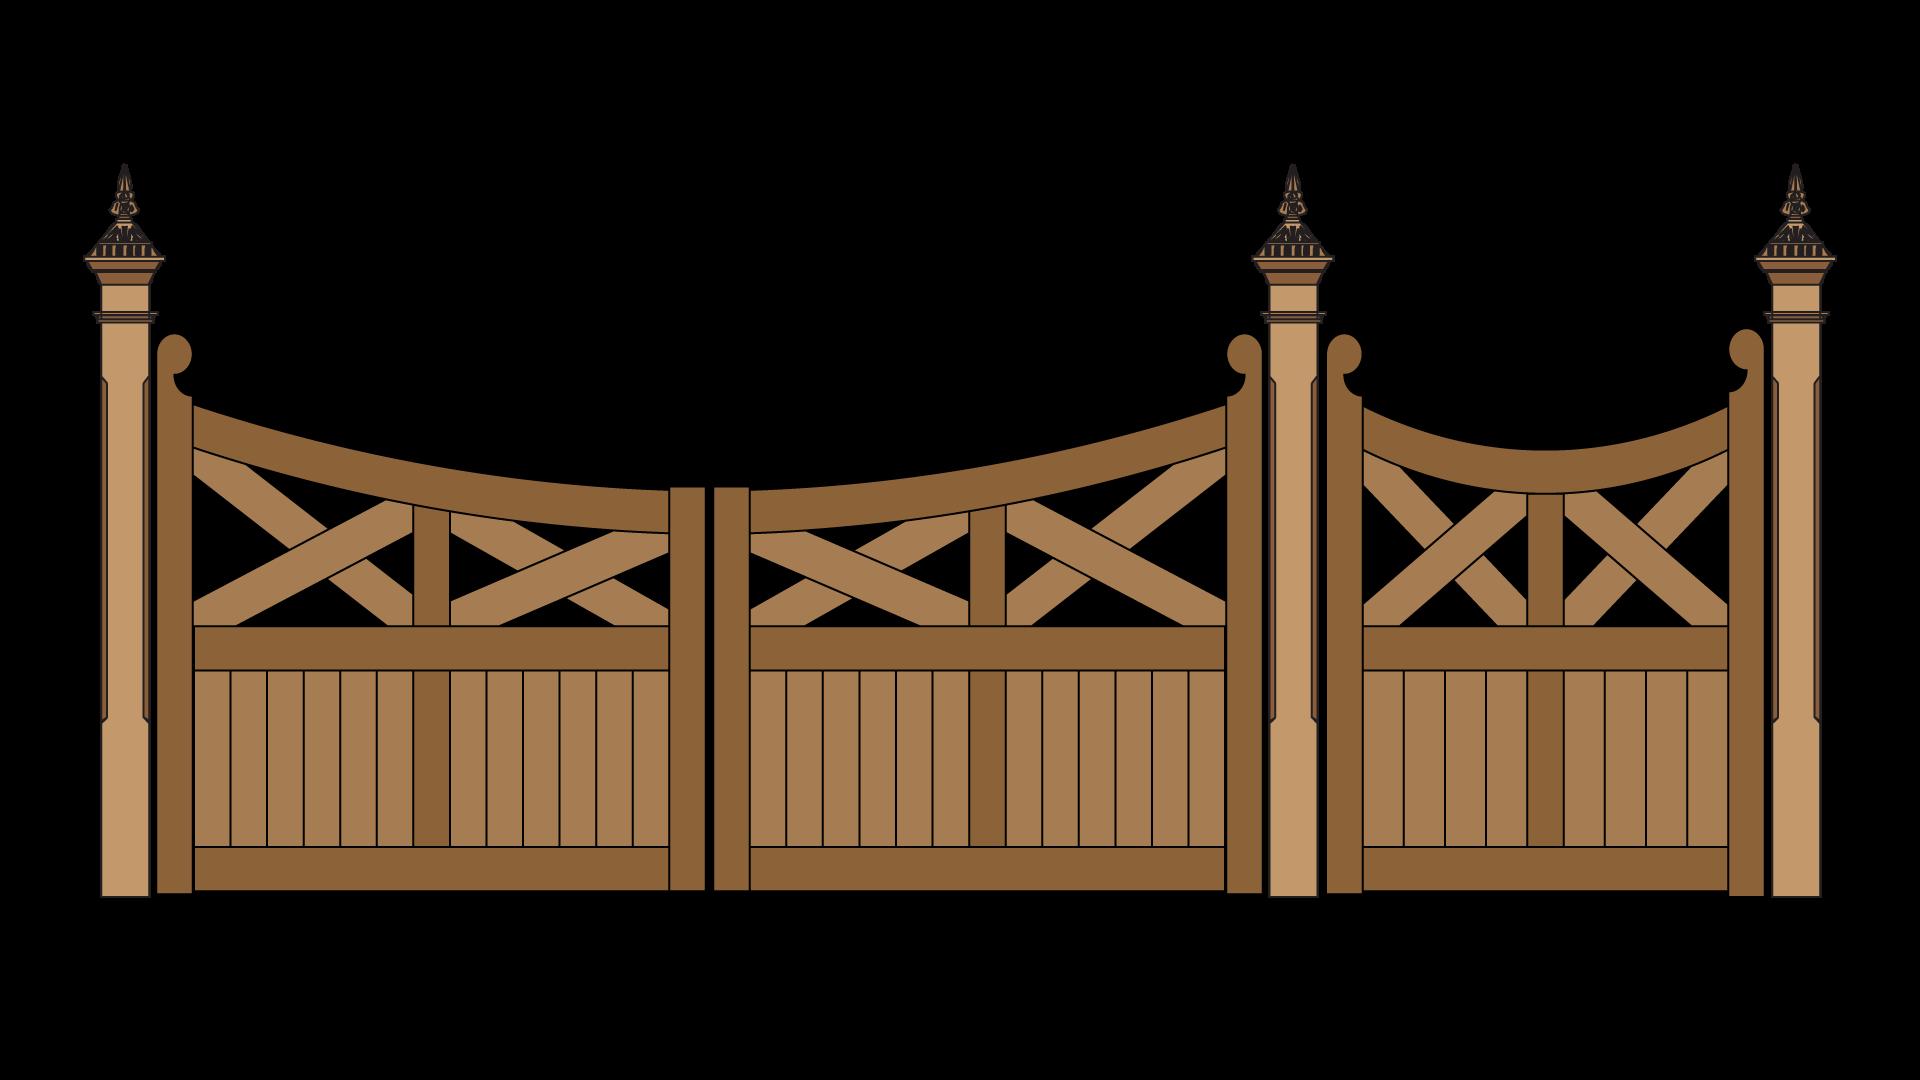 farm clipart gates